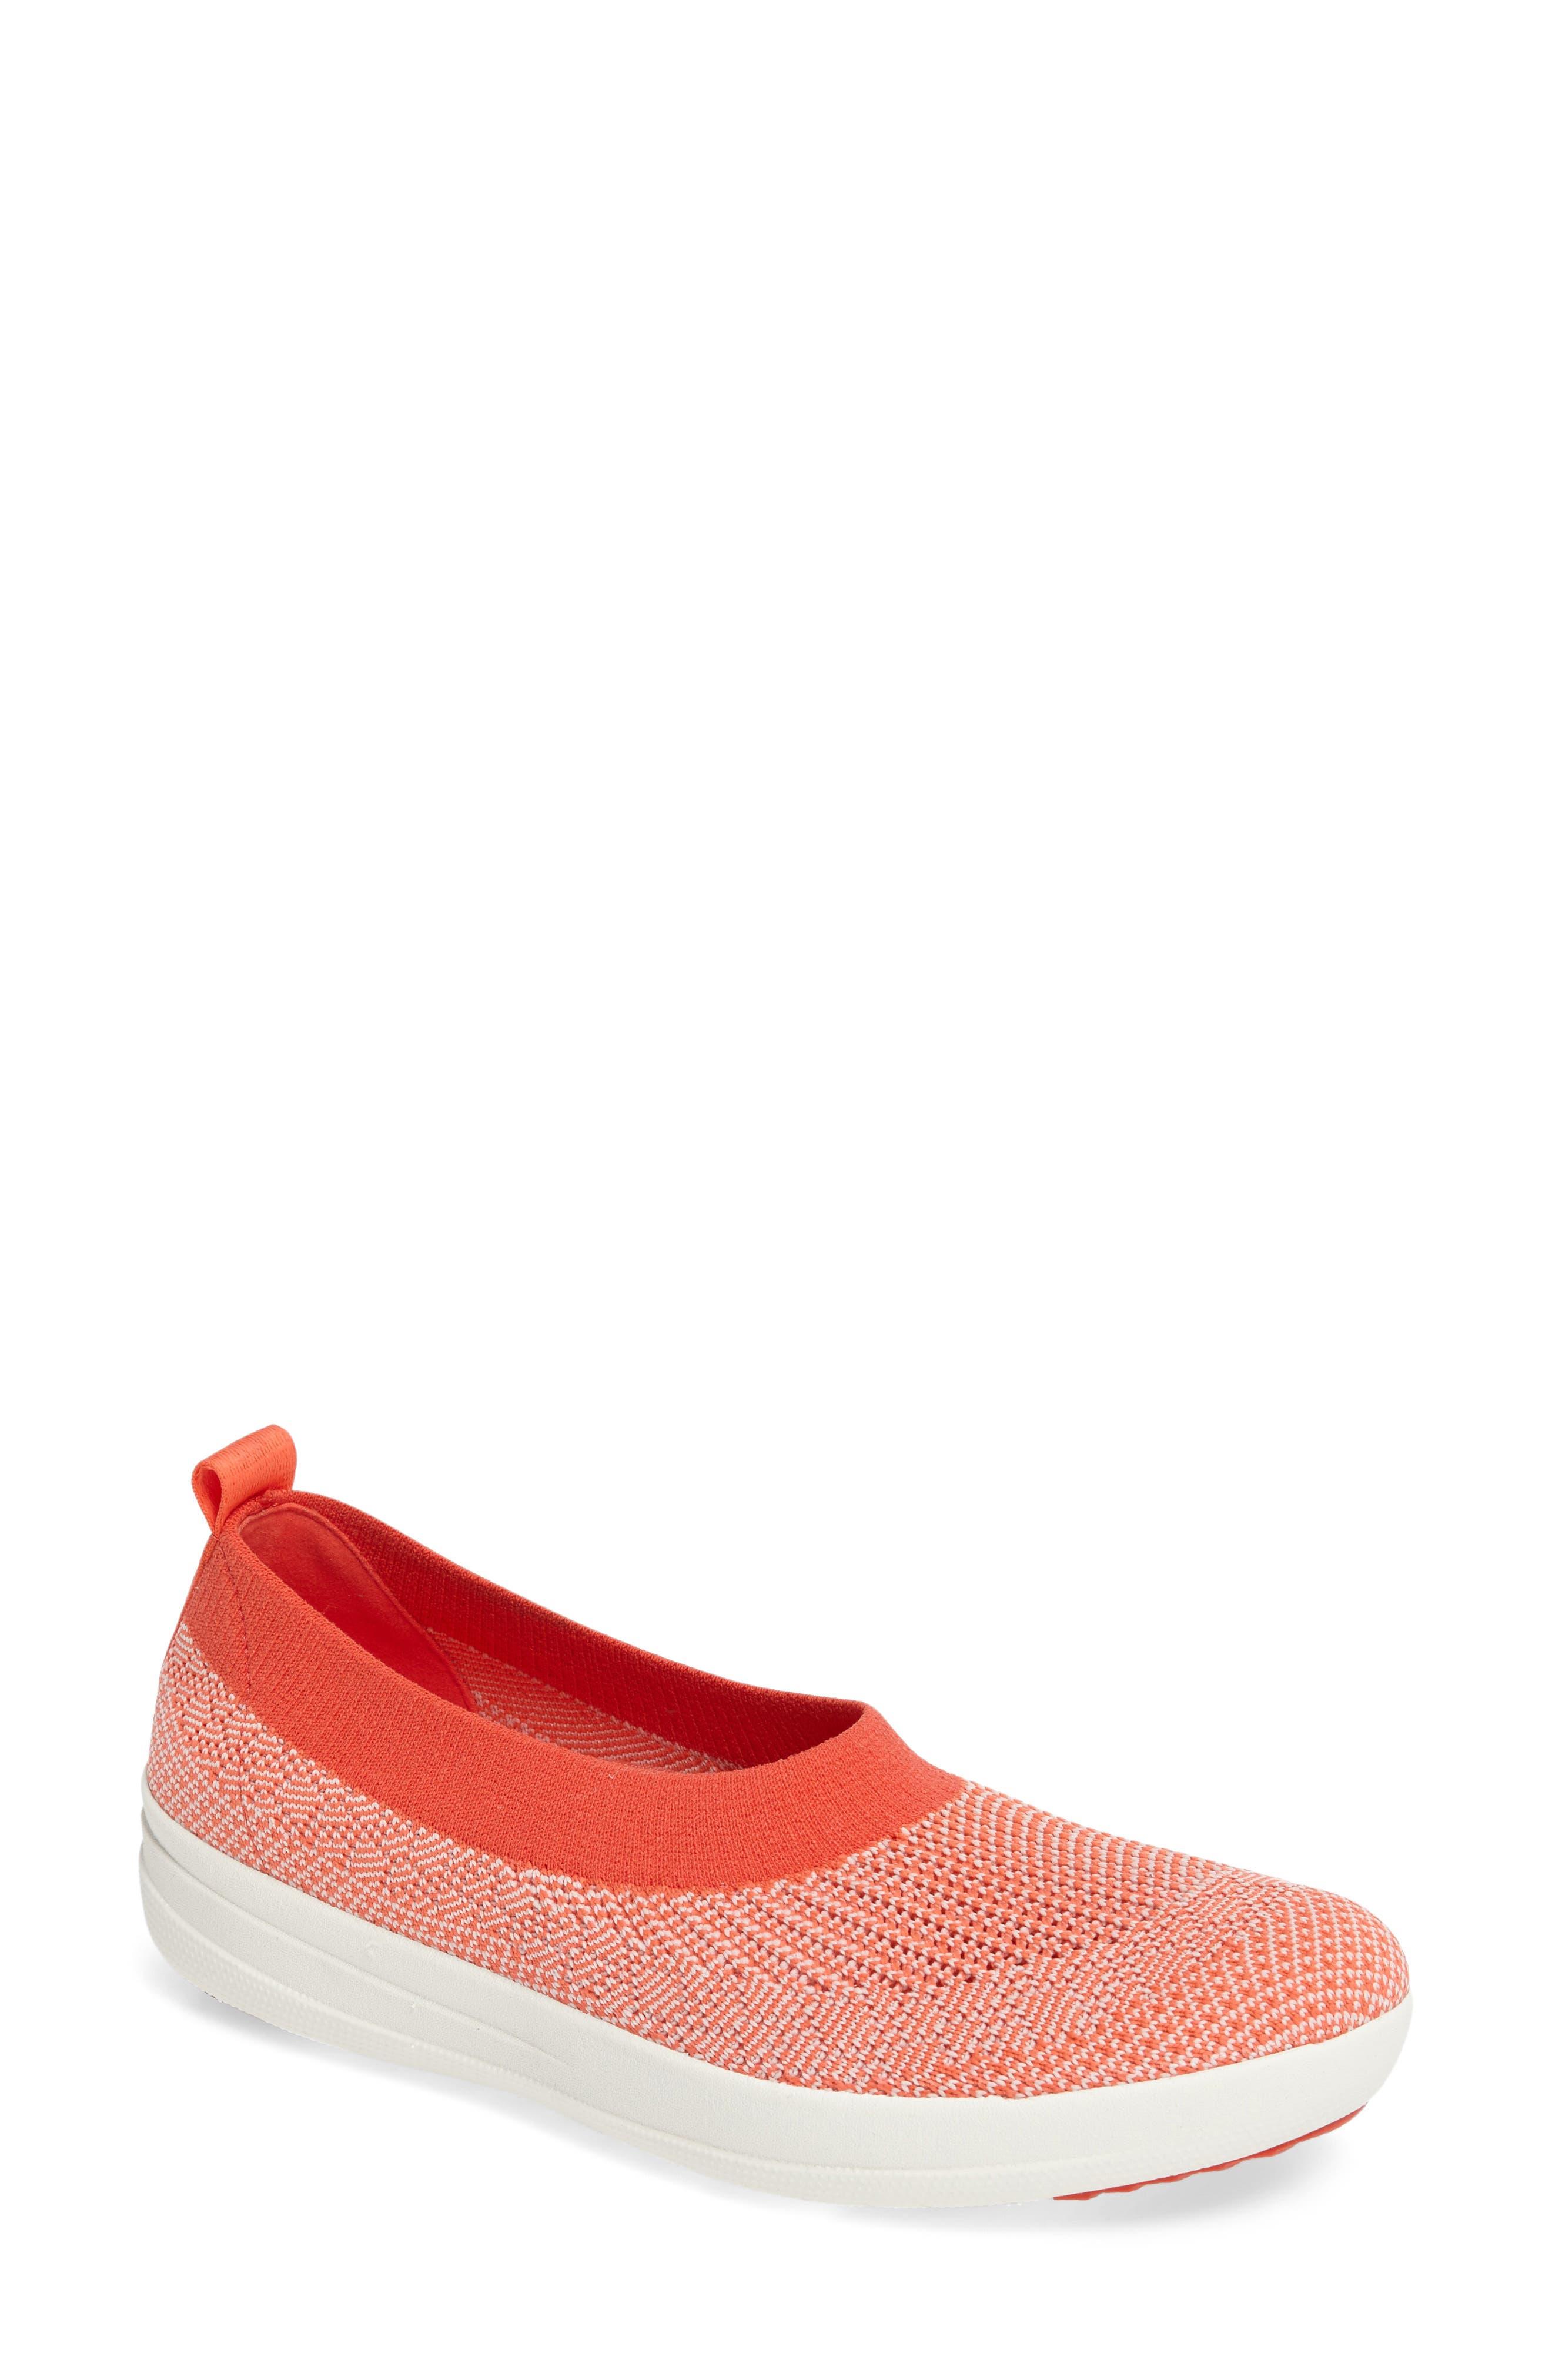 Uberknit Slip-On Sneaker,                             Main thumbnail 7, color,